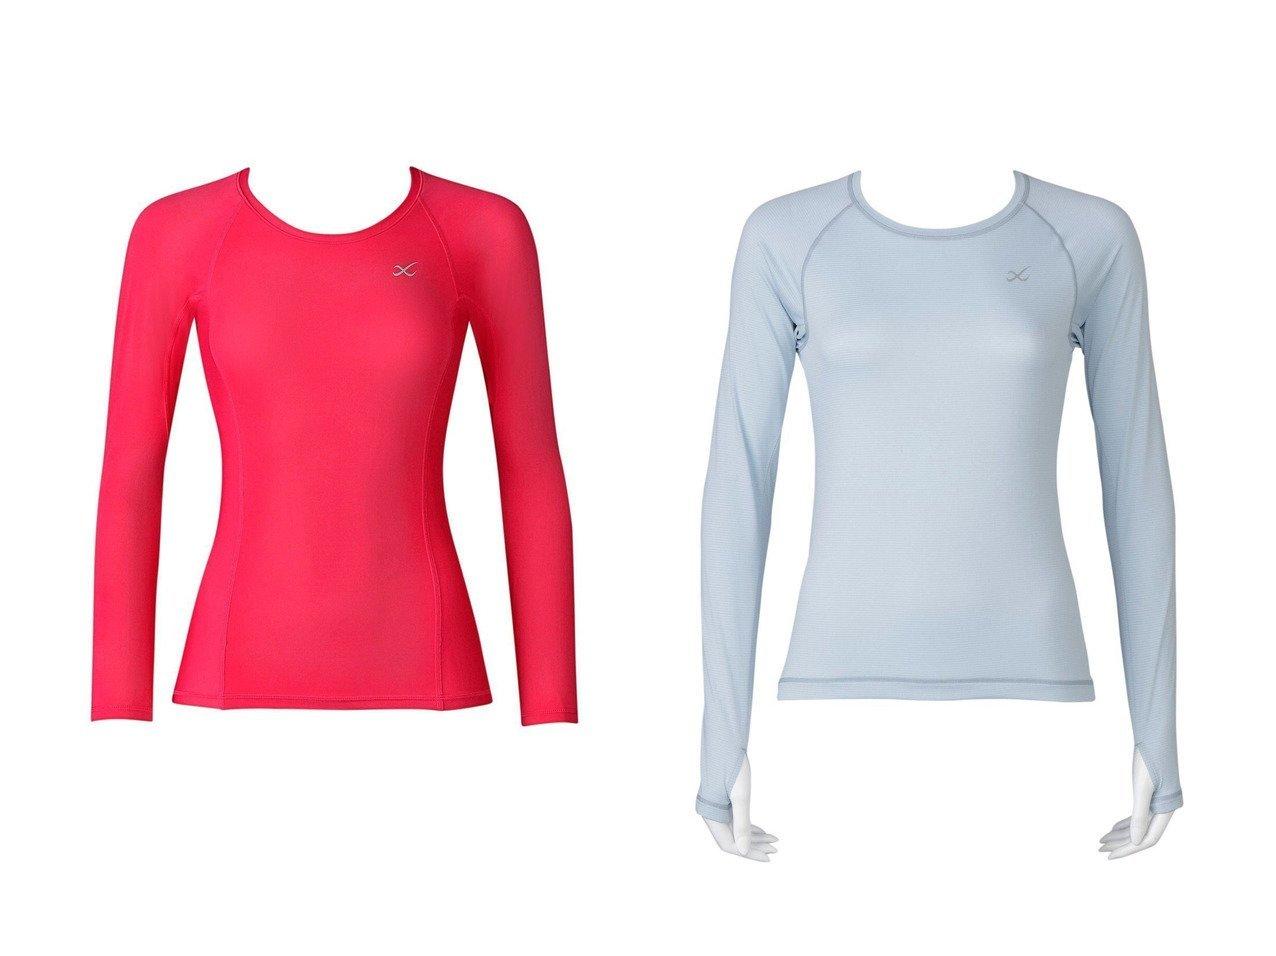 【CW-X/シーダブリューエックス】の【WOMEN】アウター Tシャツ 長袖ワコール&【WOMEN】SECOND BODY 丸首 長袖ワコール スポーツウェア・ヨガ・運動・ダイエットグッズなどのおすすめ!人気トレンド・ファッション通販 おすすめで人気の流行・トレンド、ファッションの通販商品 インテリア・家具・メンズファッション・キッズファッション・レディースファッション・服の通販 founy(ファニー) https://founy.com/ ファッション Fashion レディースファッション WOMEN トップス・カットソー Tops/Tshirt アウター Coat Outerwear シャツ/ブラウス Shirts/Blouses ロング / Tシャツ T-Shirts 送料無料 Free Shipping ストレッチ パターン 長袖  ID:crp329100000041131